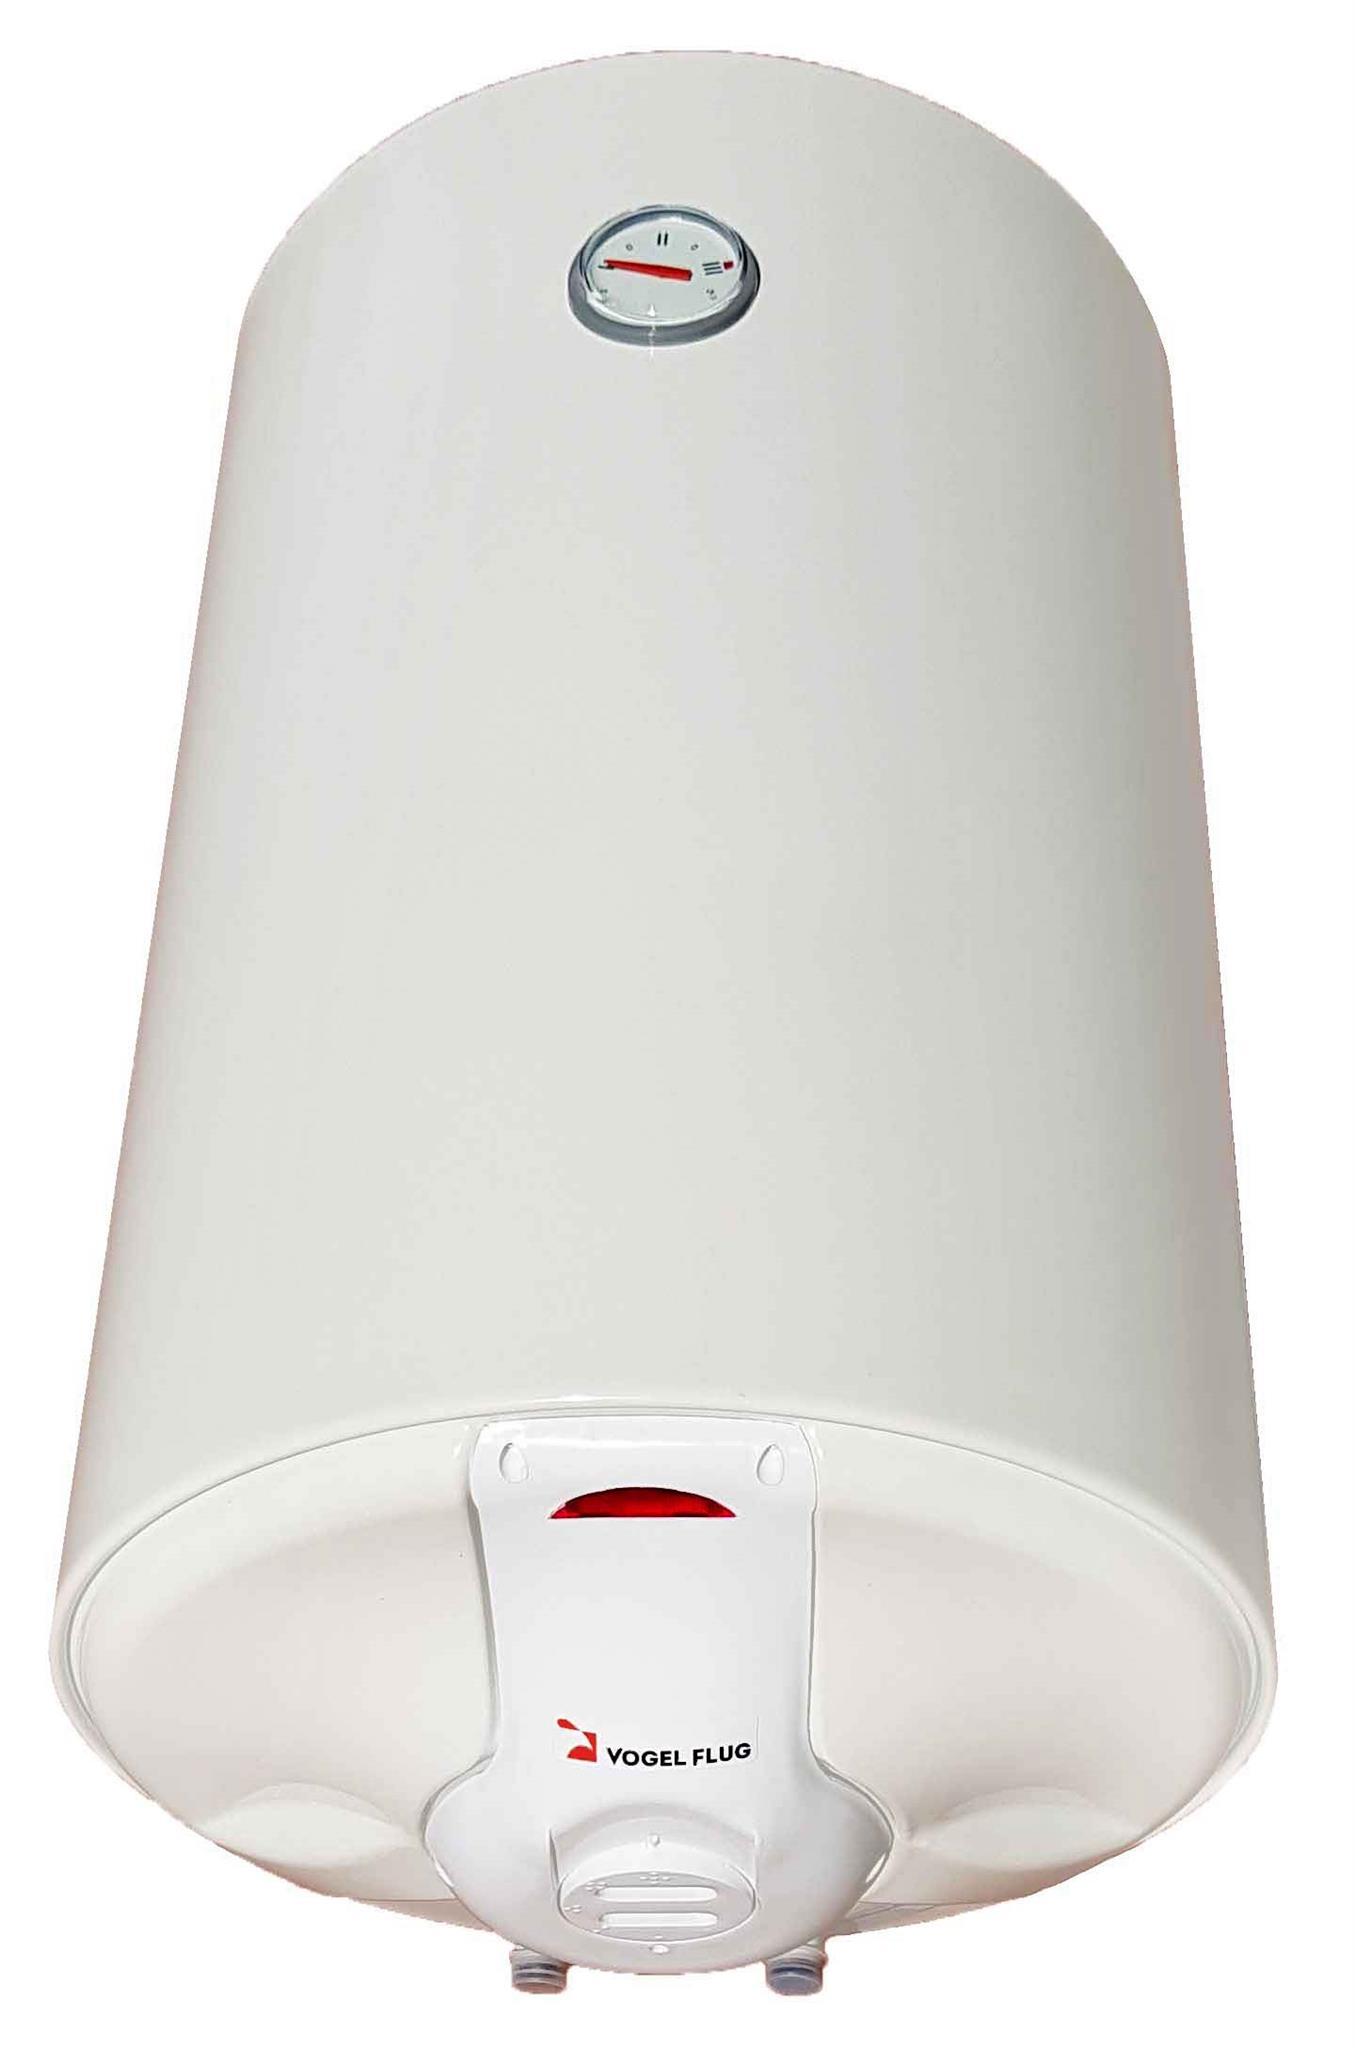 Vogel Flug SVD50 4515/1h Бойлер (водонагреватель)